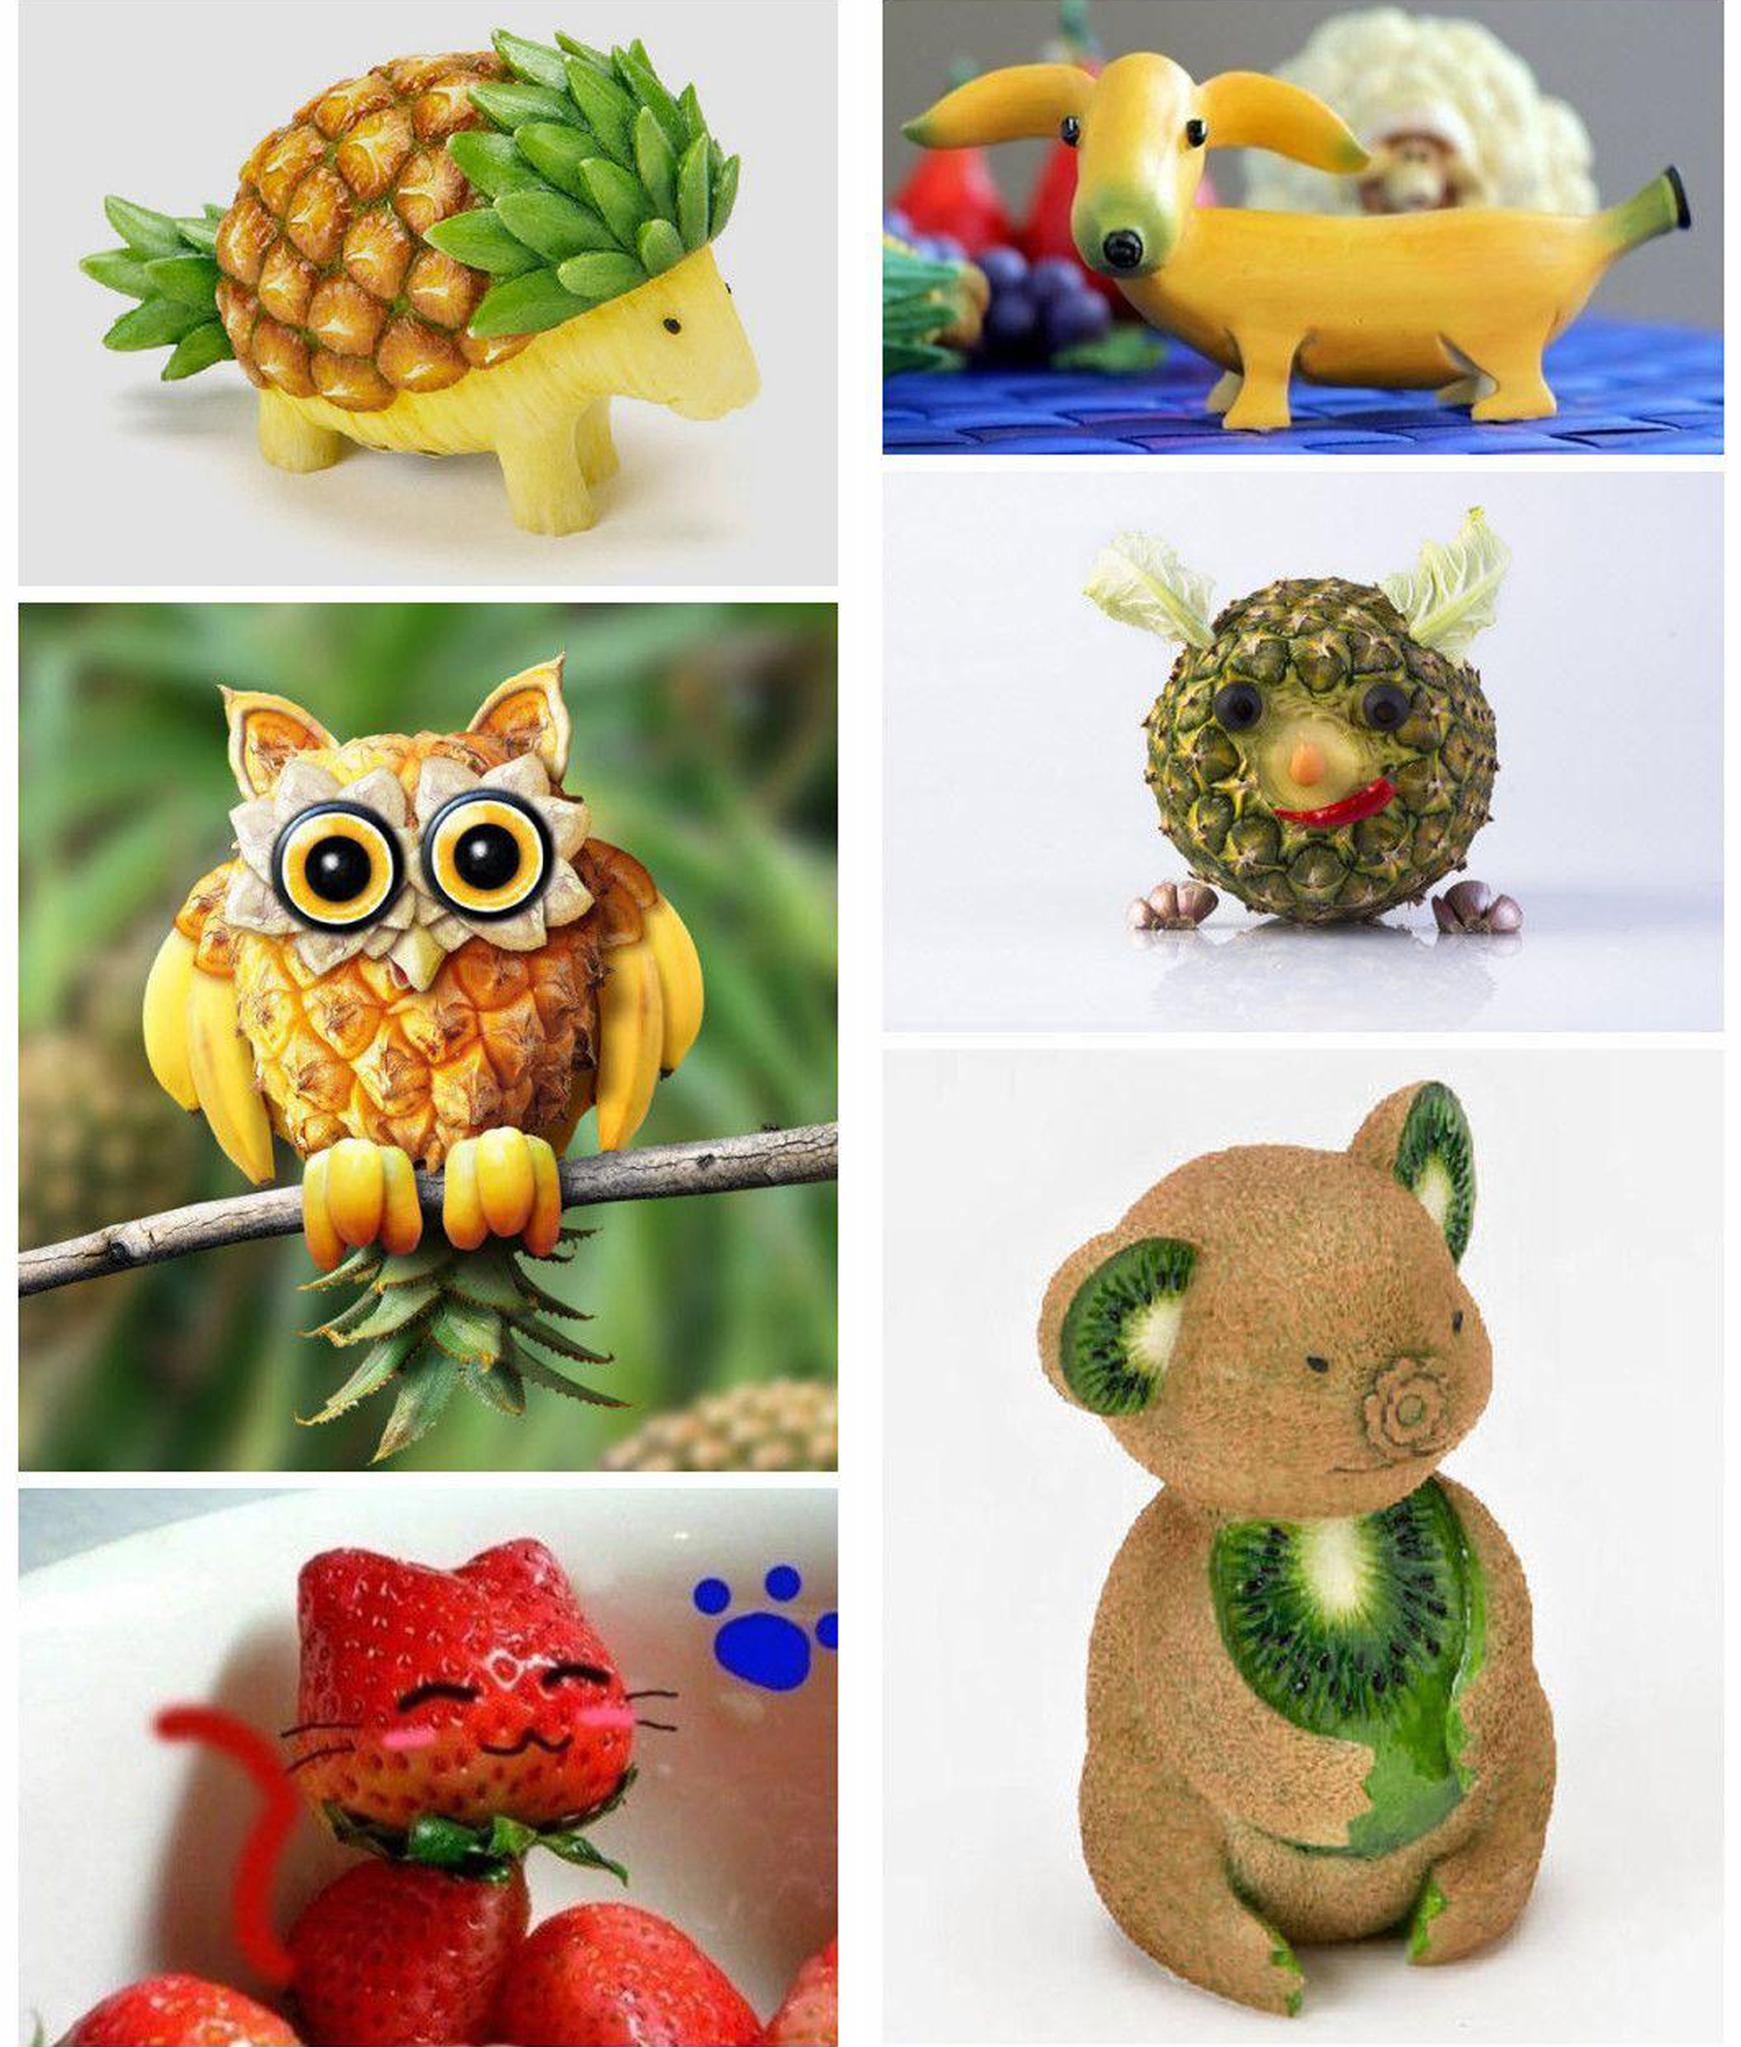 [贴图]可爱水果动物_趣味照片